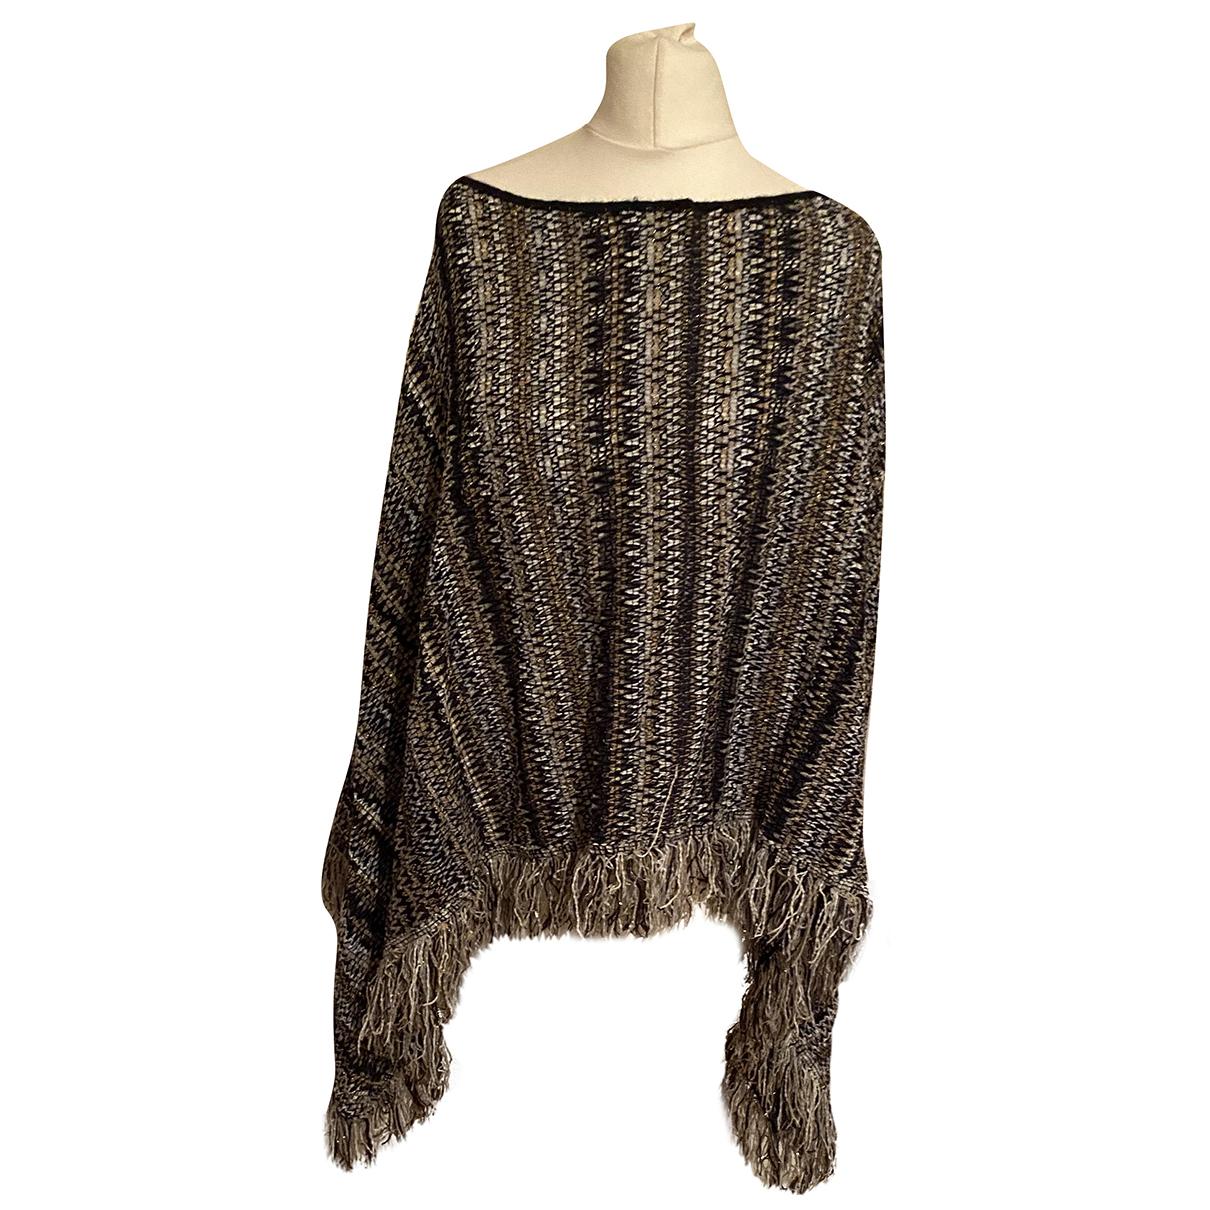 Missoni N Multicolour Wool Knitwear for Women One Size 0-5